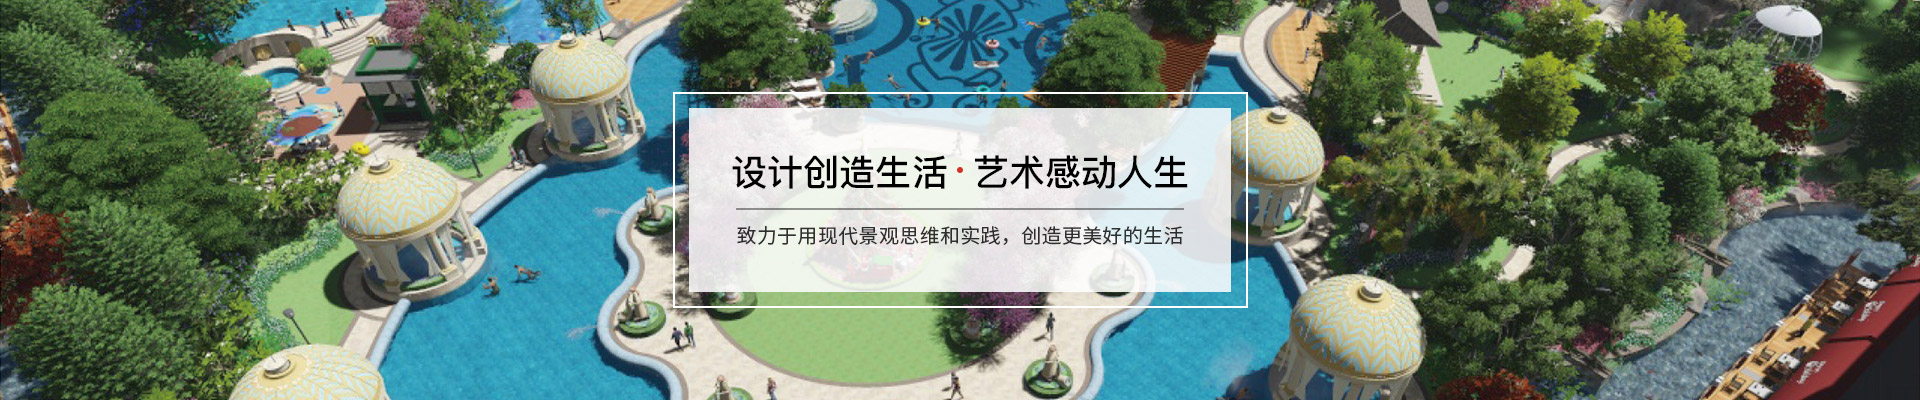 深圳棣志景-设计创造生活,艺术感染人生